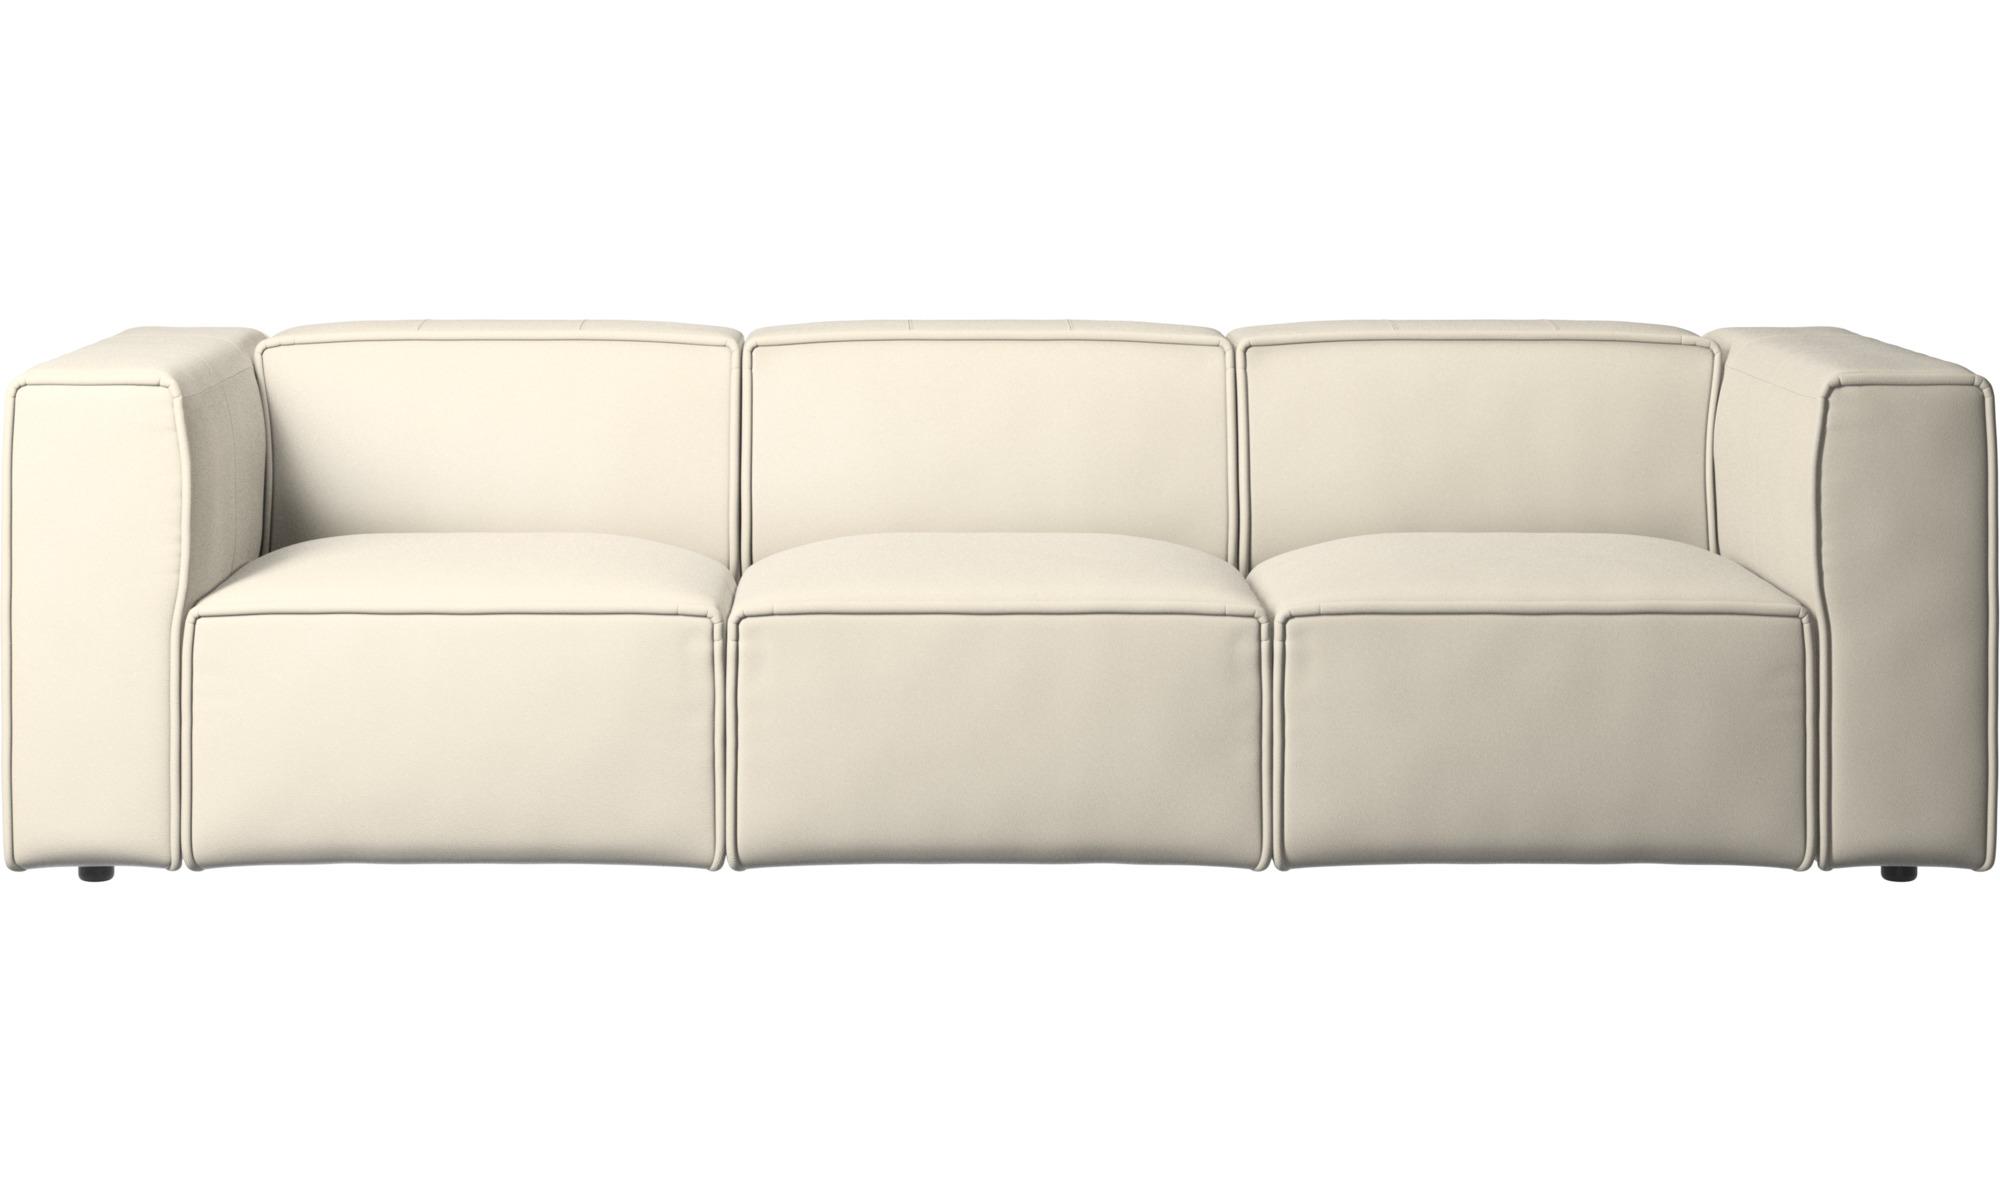 Modular sofas - Carmo sofa - White - Leather